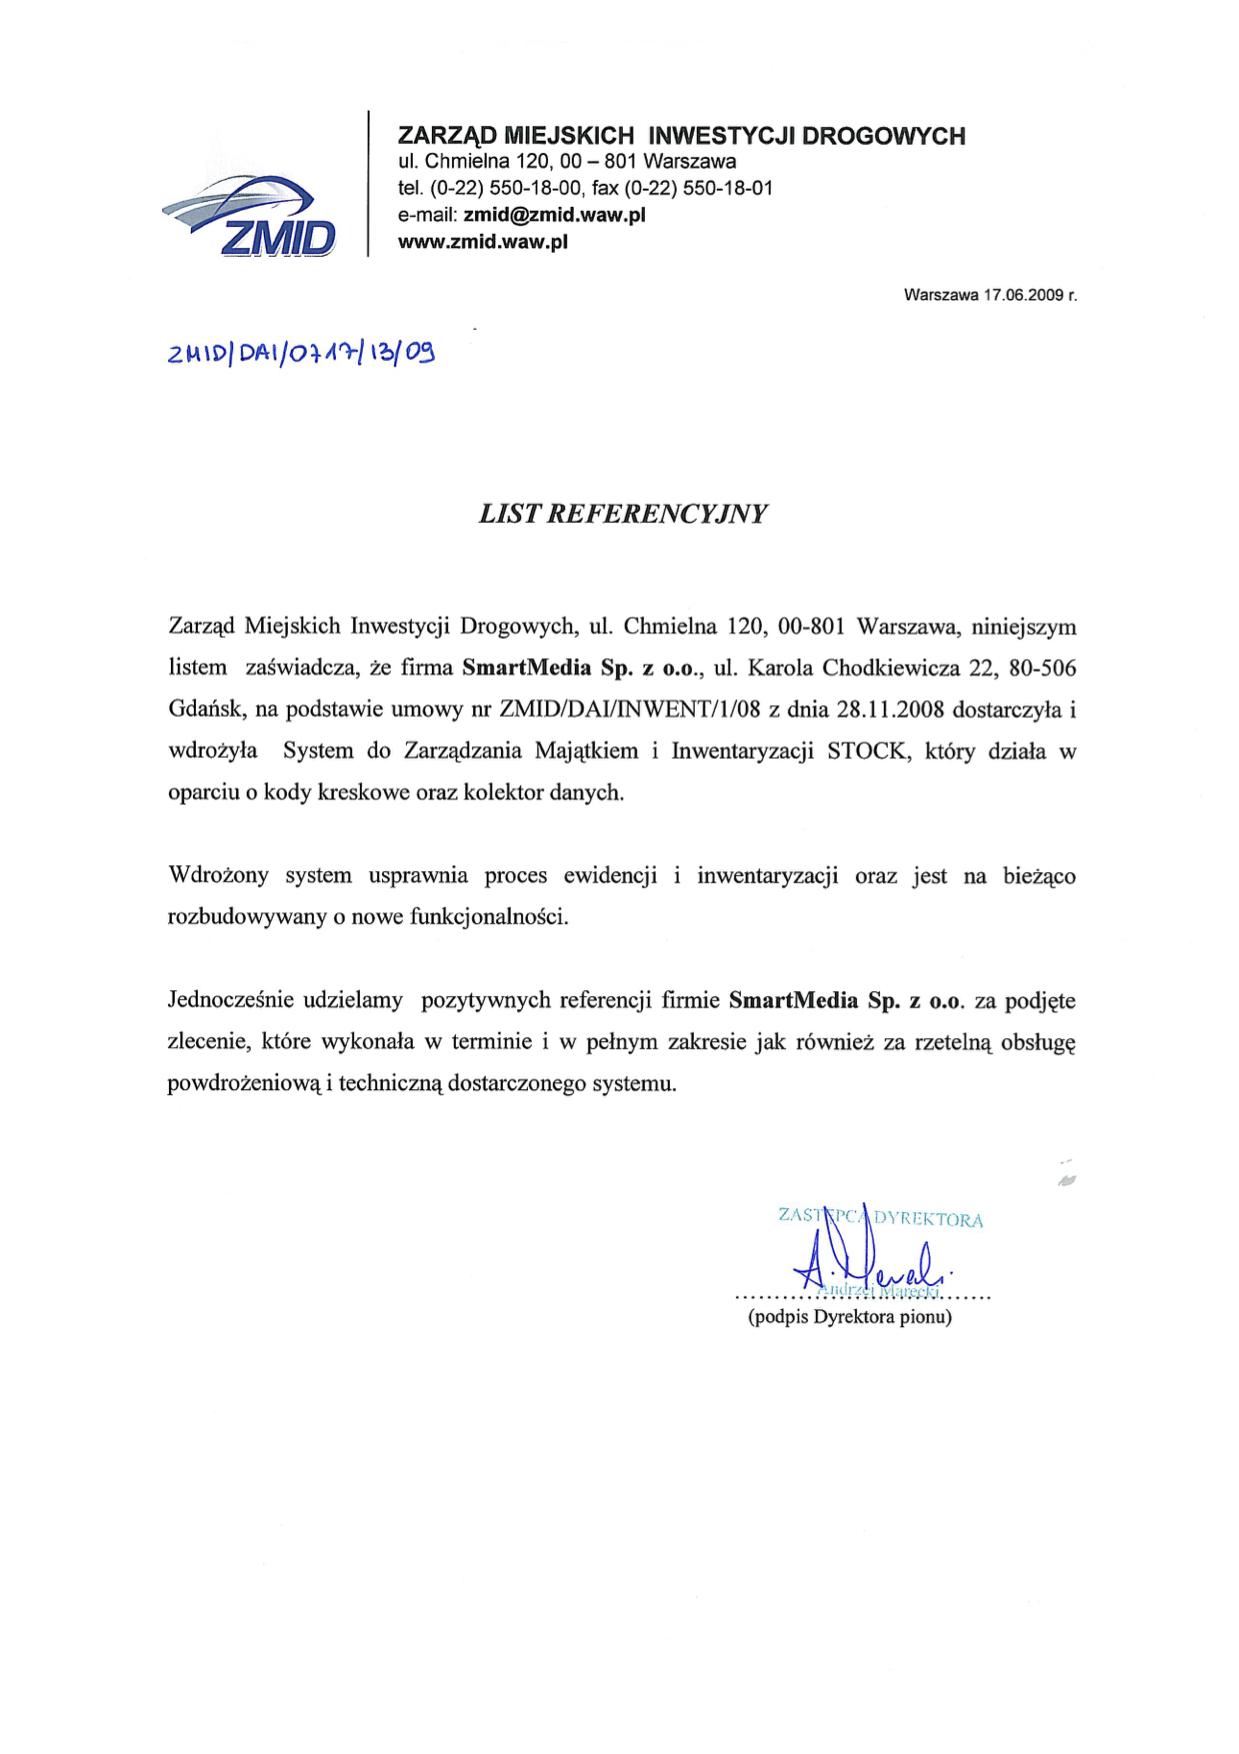 Zarząd Miejskich Inwestycji Drogowych w Warszawie